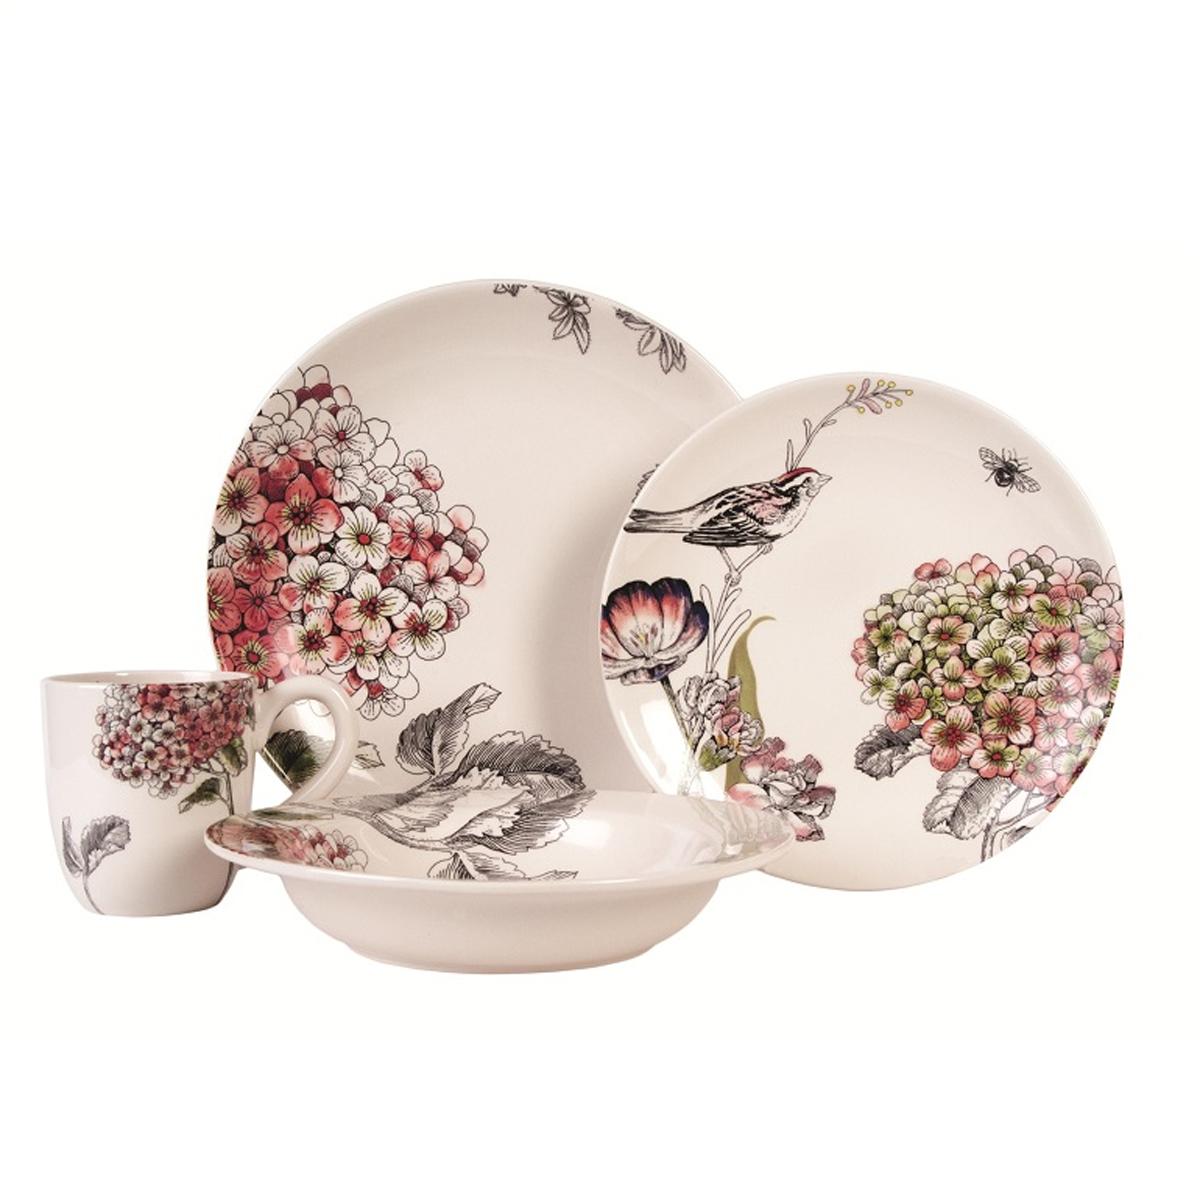 Набор посуды Fitz and Floyd Гортензия, 4 предмета20-310Набор посуды Fitz and Floyd Гортензия выполнен из высококачественной керамики. Изделия декорированы изображением птицы и цветов. Набор состоит из четырех предметов: глубокой, суповой, плоской тарелок и кружки. Посуда из керамики отличается превосходным качеством. Двойной обжиг, насыщенные цвета, удивительный блеск глазури и уникальная ручная роспись. Этот прекрасный цветочный декор создает особенное, праздничное, настроение и станет настоящим украшением вашего стола. Не рекомендуется мыть в посудомоечной машине. Диаметр большой тарелки: 27,5 см. Высота большой тарелки: 2 см. Диаметр плоской тарелки: 23 см. Высота плоской тарелки: 1,5 см. Диаметр суповой тарелки: 23 см. Высота суповой тарелки: 3 см. Объем кружки: 200 мл. Диаметр кружки (по верхнему краю): 9 см. Высота кружки: 10 см.